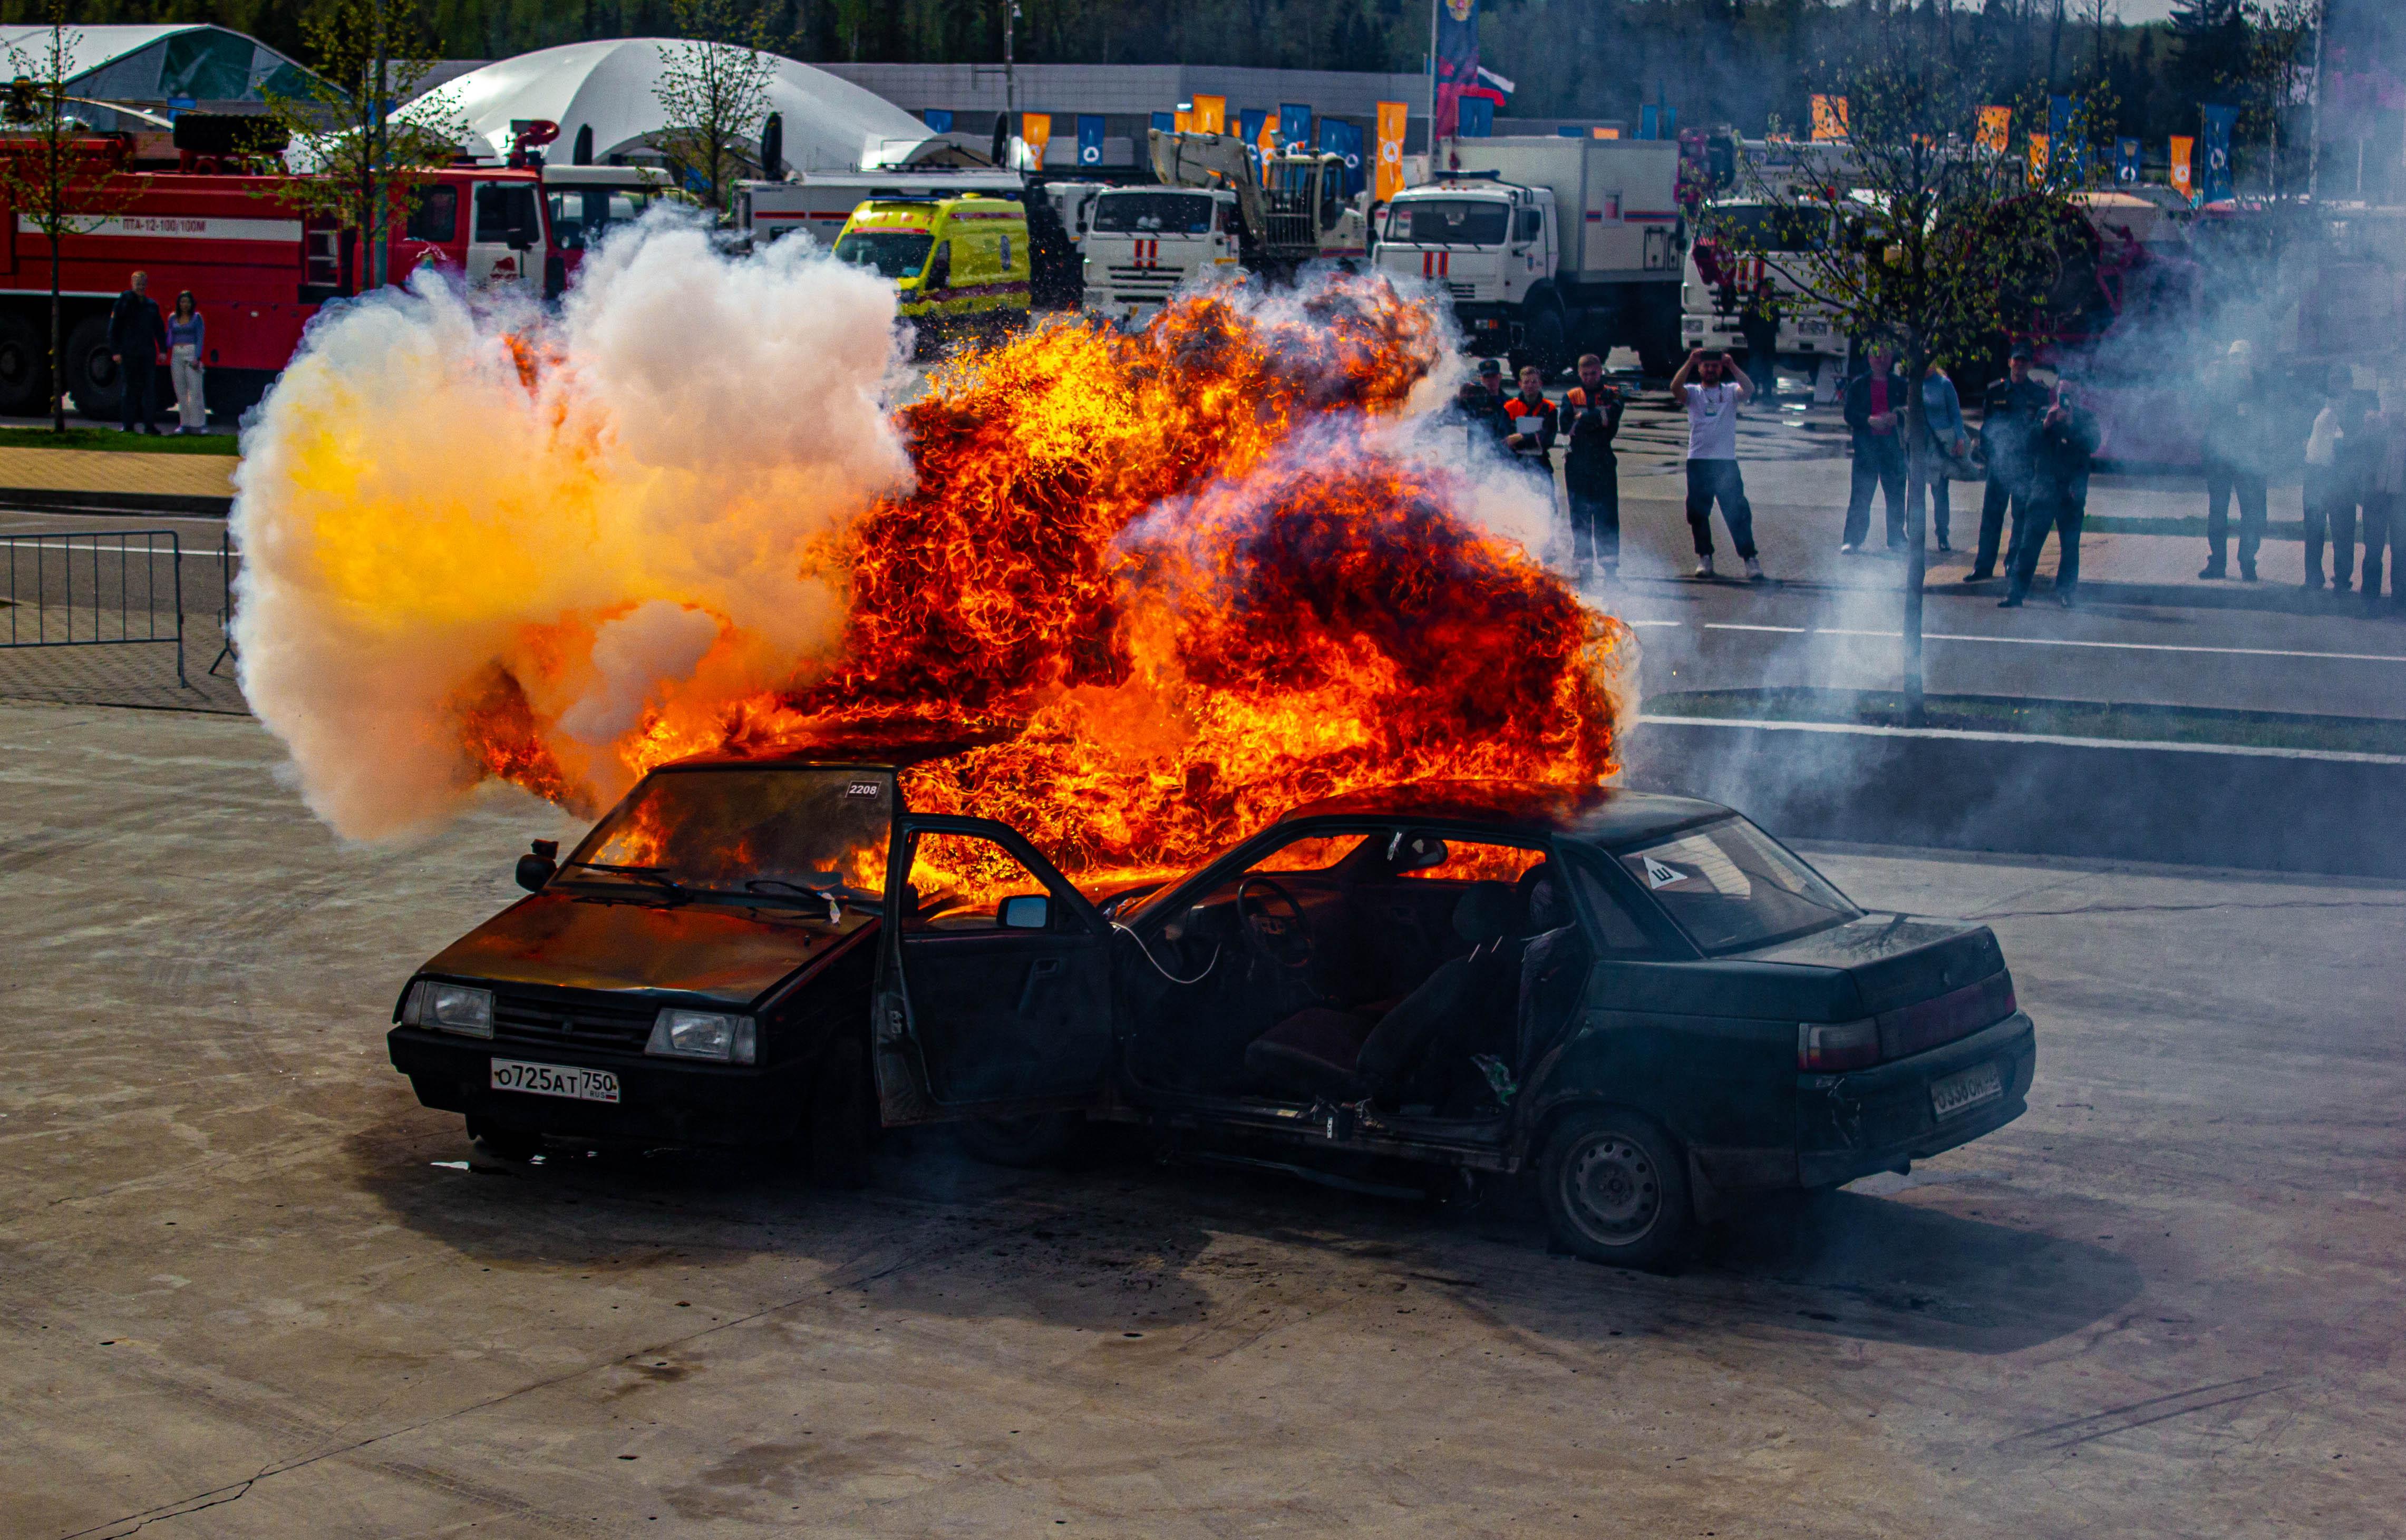 пожар, огонь, машина, дтп, пожарные, fire, firefighter, Лашнев Сергей